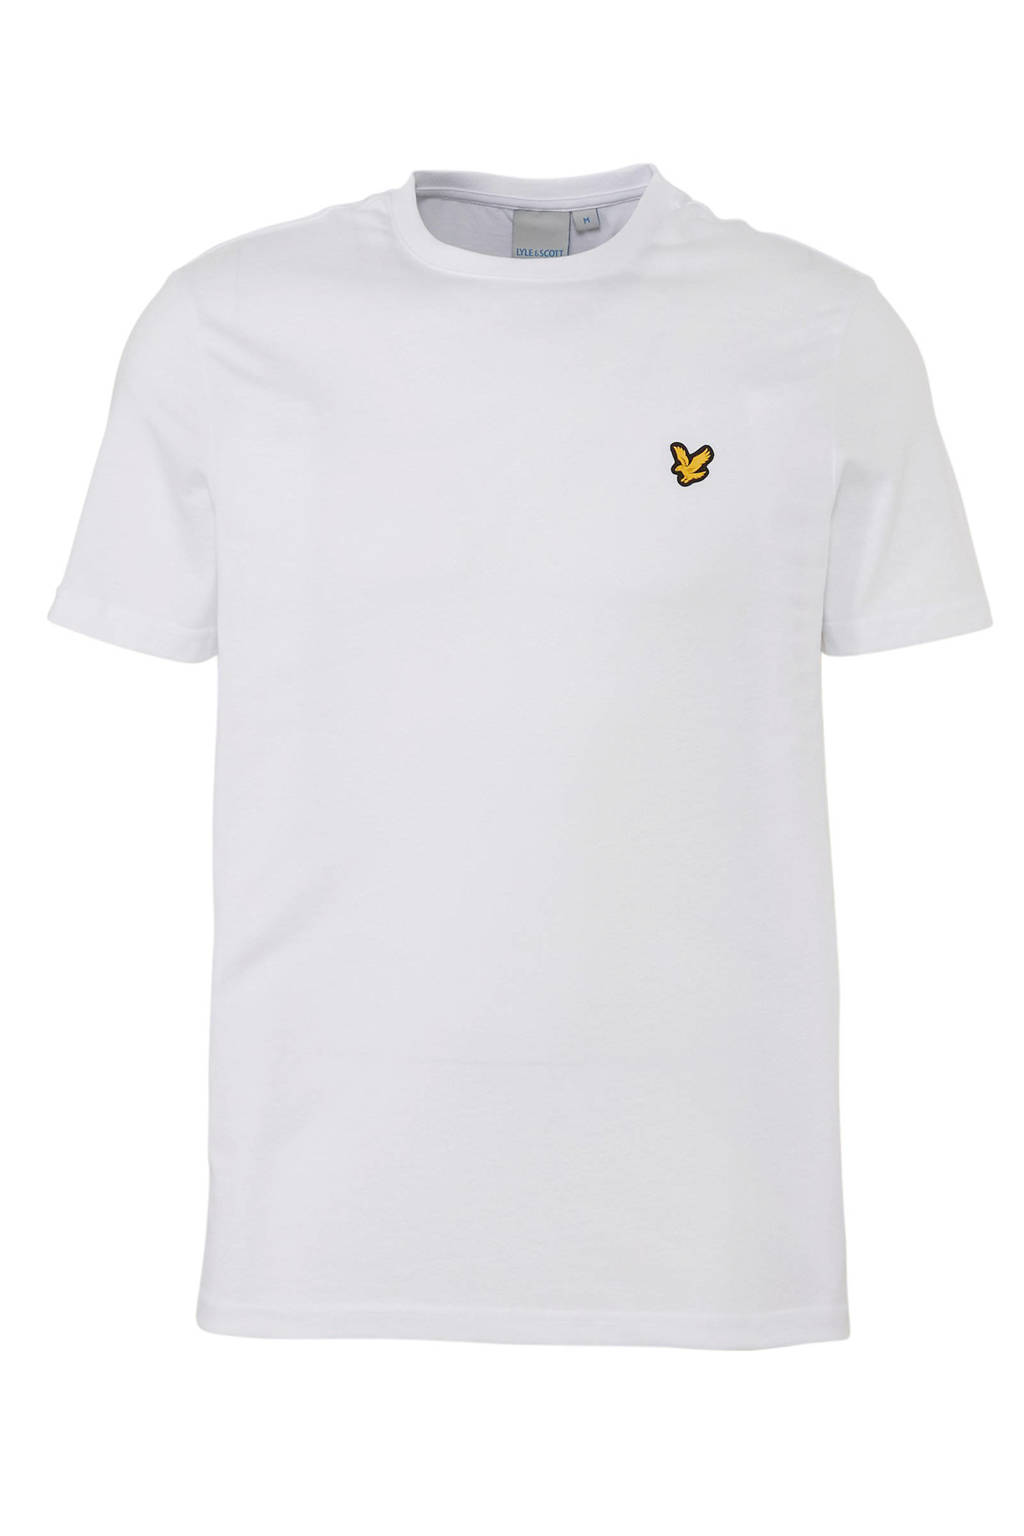 Lyle & Scott sport T-shirt wit, Wit